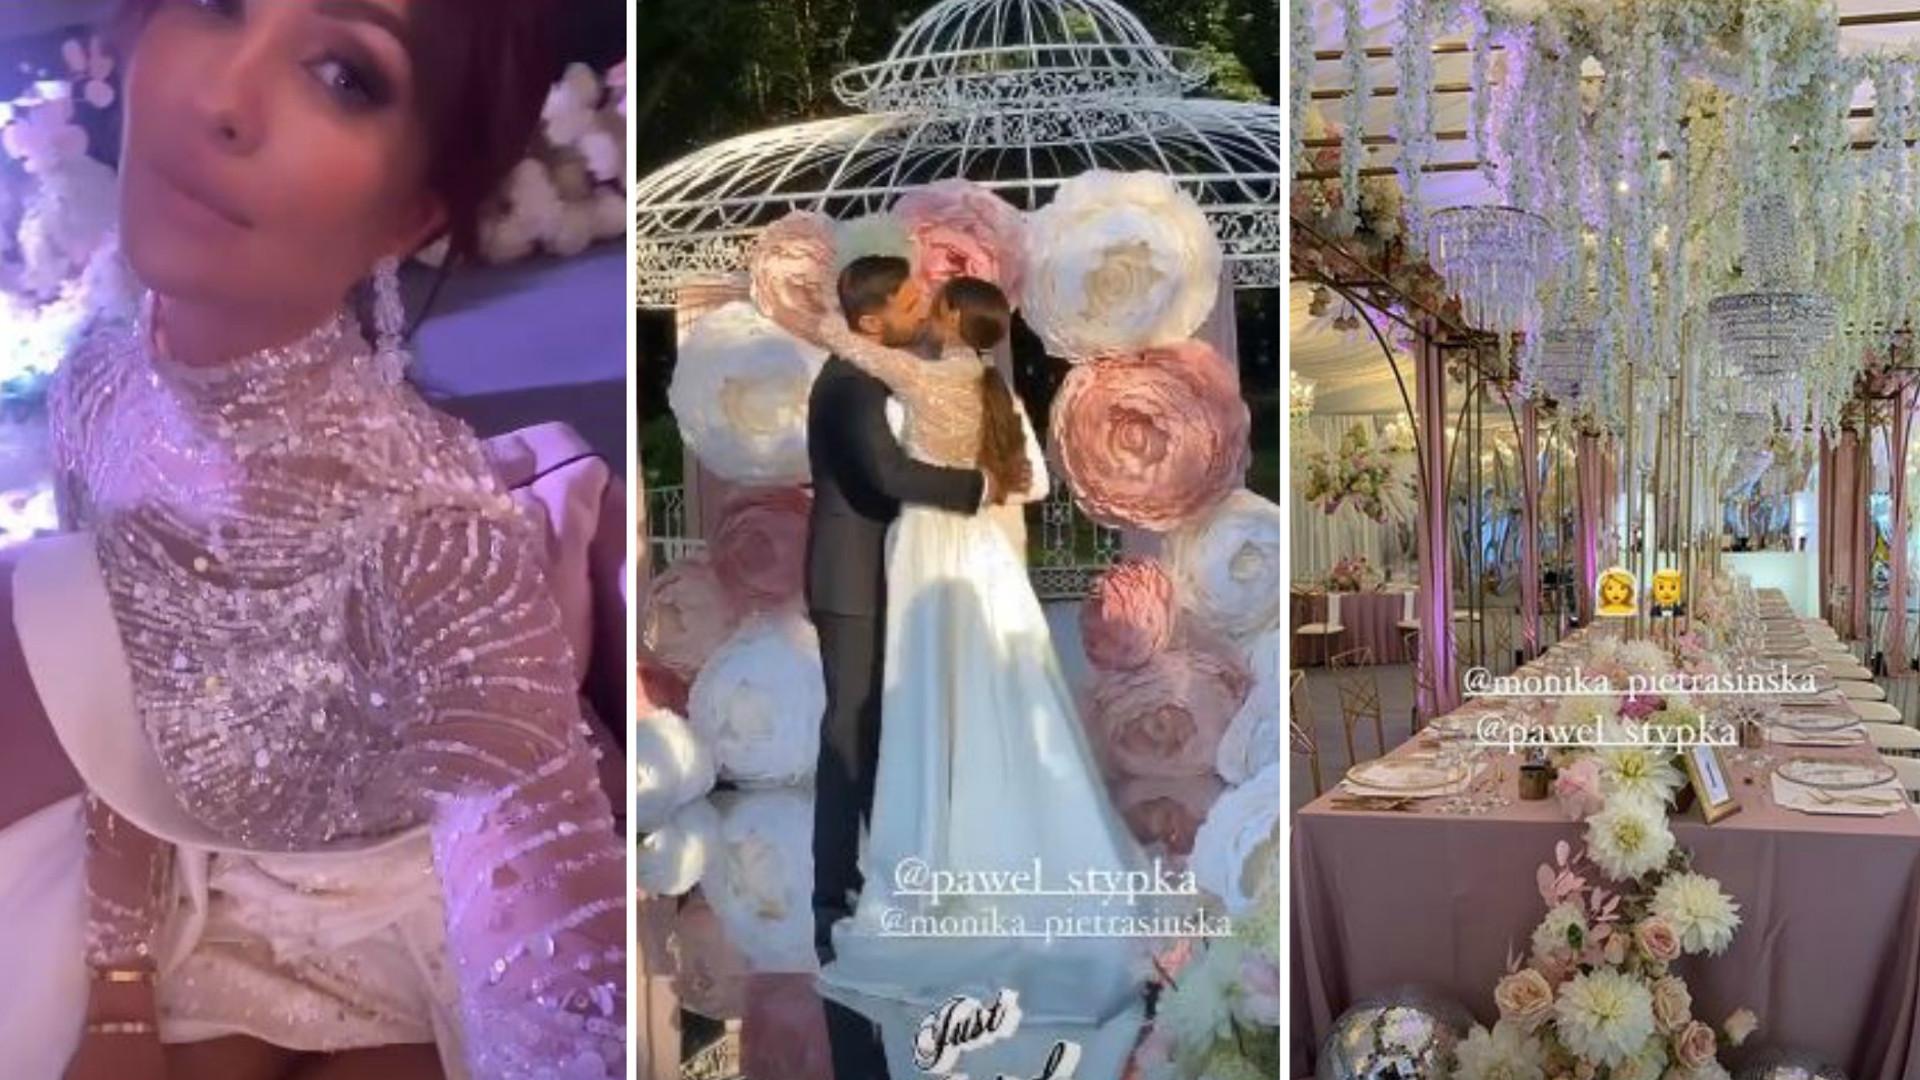 BAJKOWY ślub Moniki Pietrasińskiej – piękne suknie panny młodej i gigantyczny tort (ZDJĘCIA)